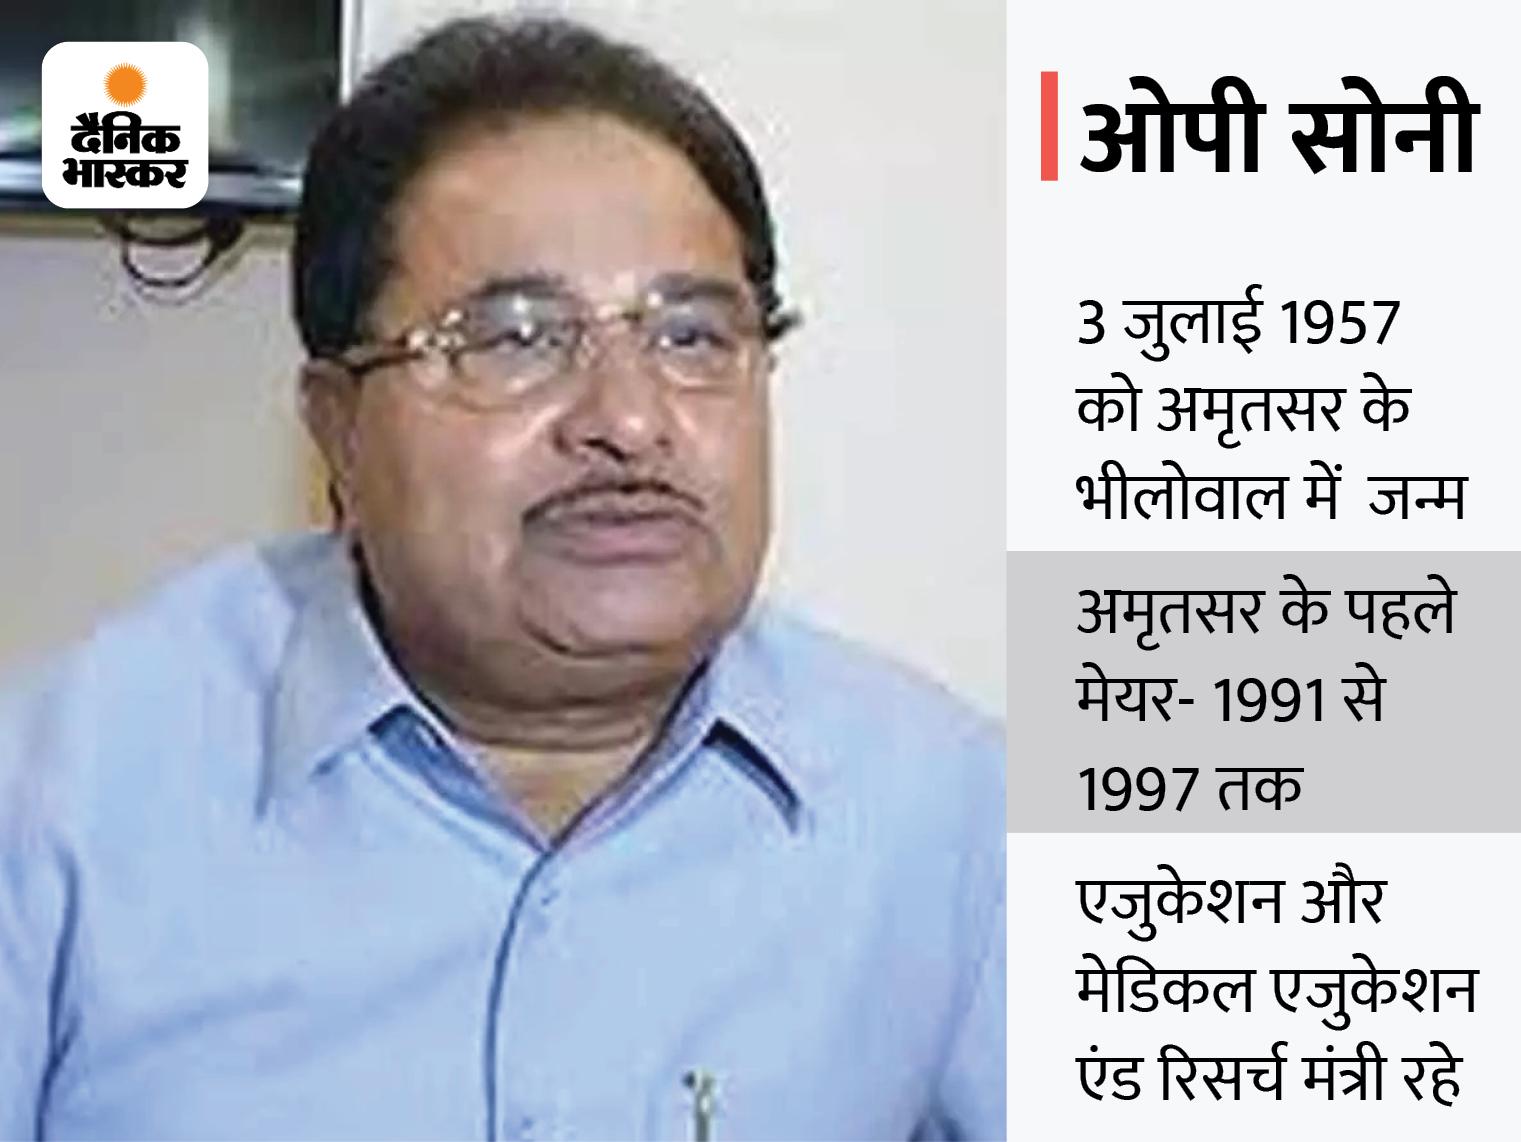 अमृतसर सेंट्रल सीट से दूसरे ऐसे विधायक, जो उप मुख्यमंत्री के पद तक पहुंचे; 2009 में सिद्धू के खिलाफ कोर्ट भी पहुंच गए थे|अमृतसर,Amritsar - Dainik Bhaskar